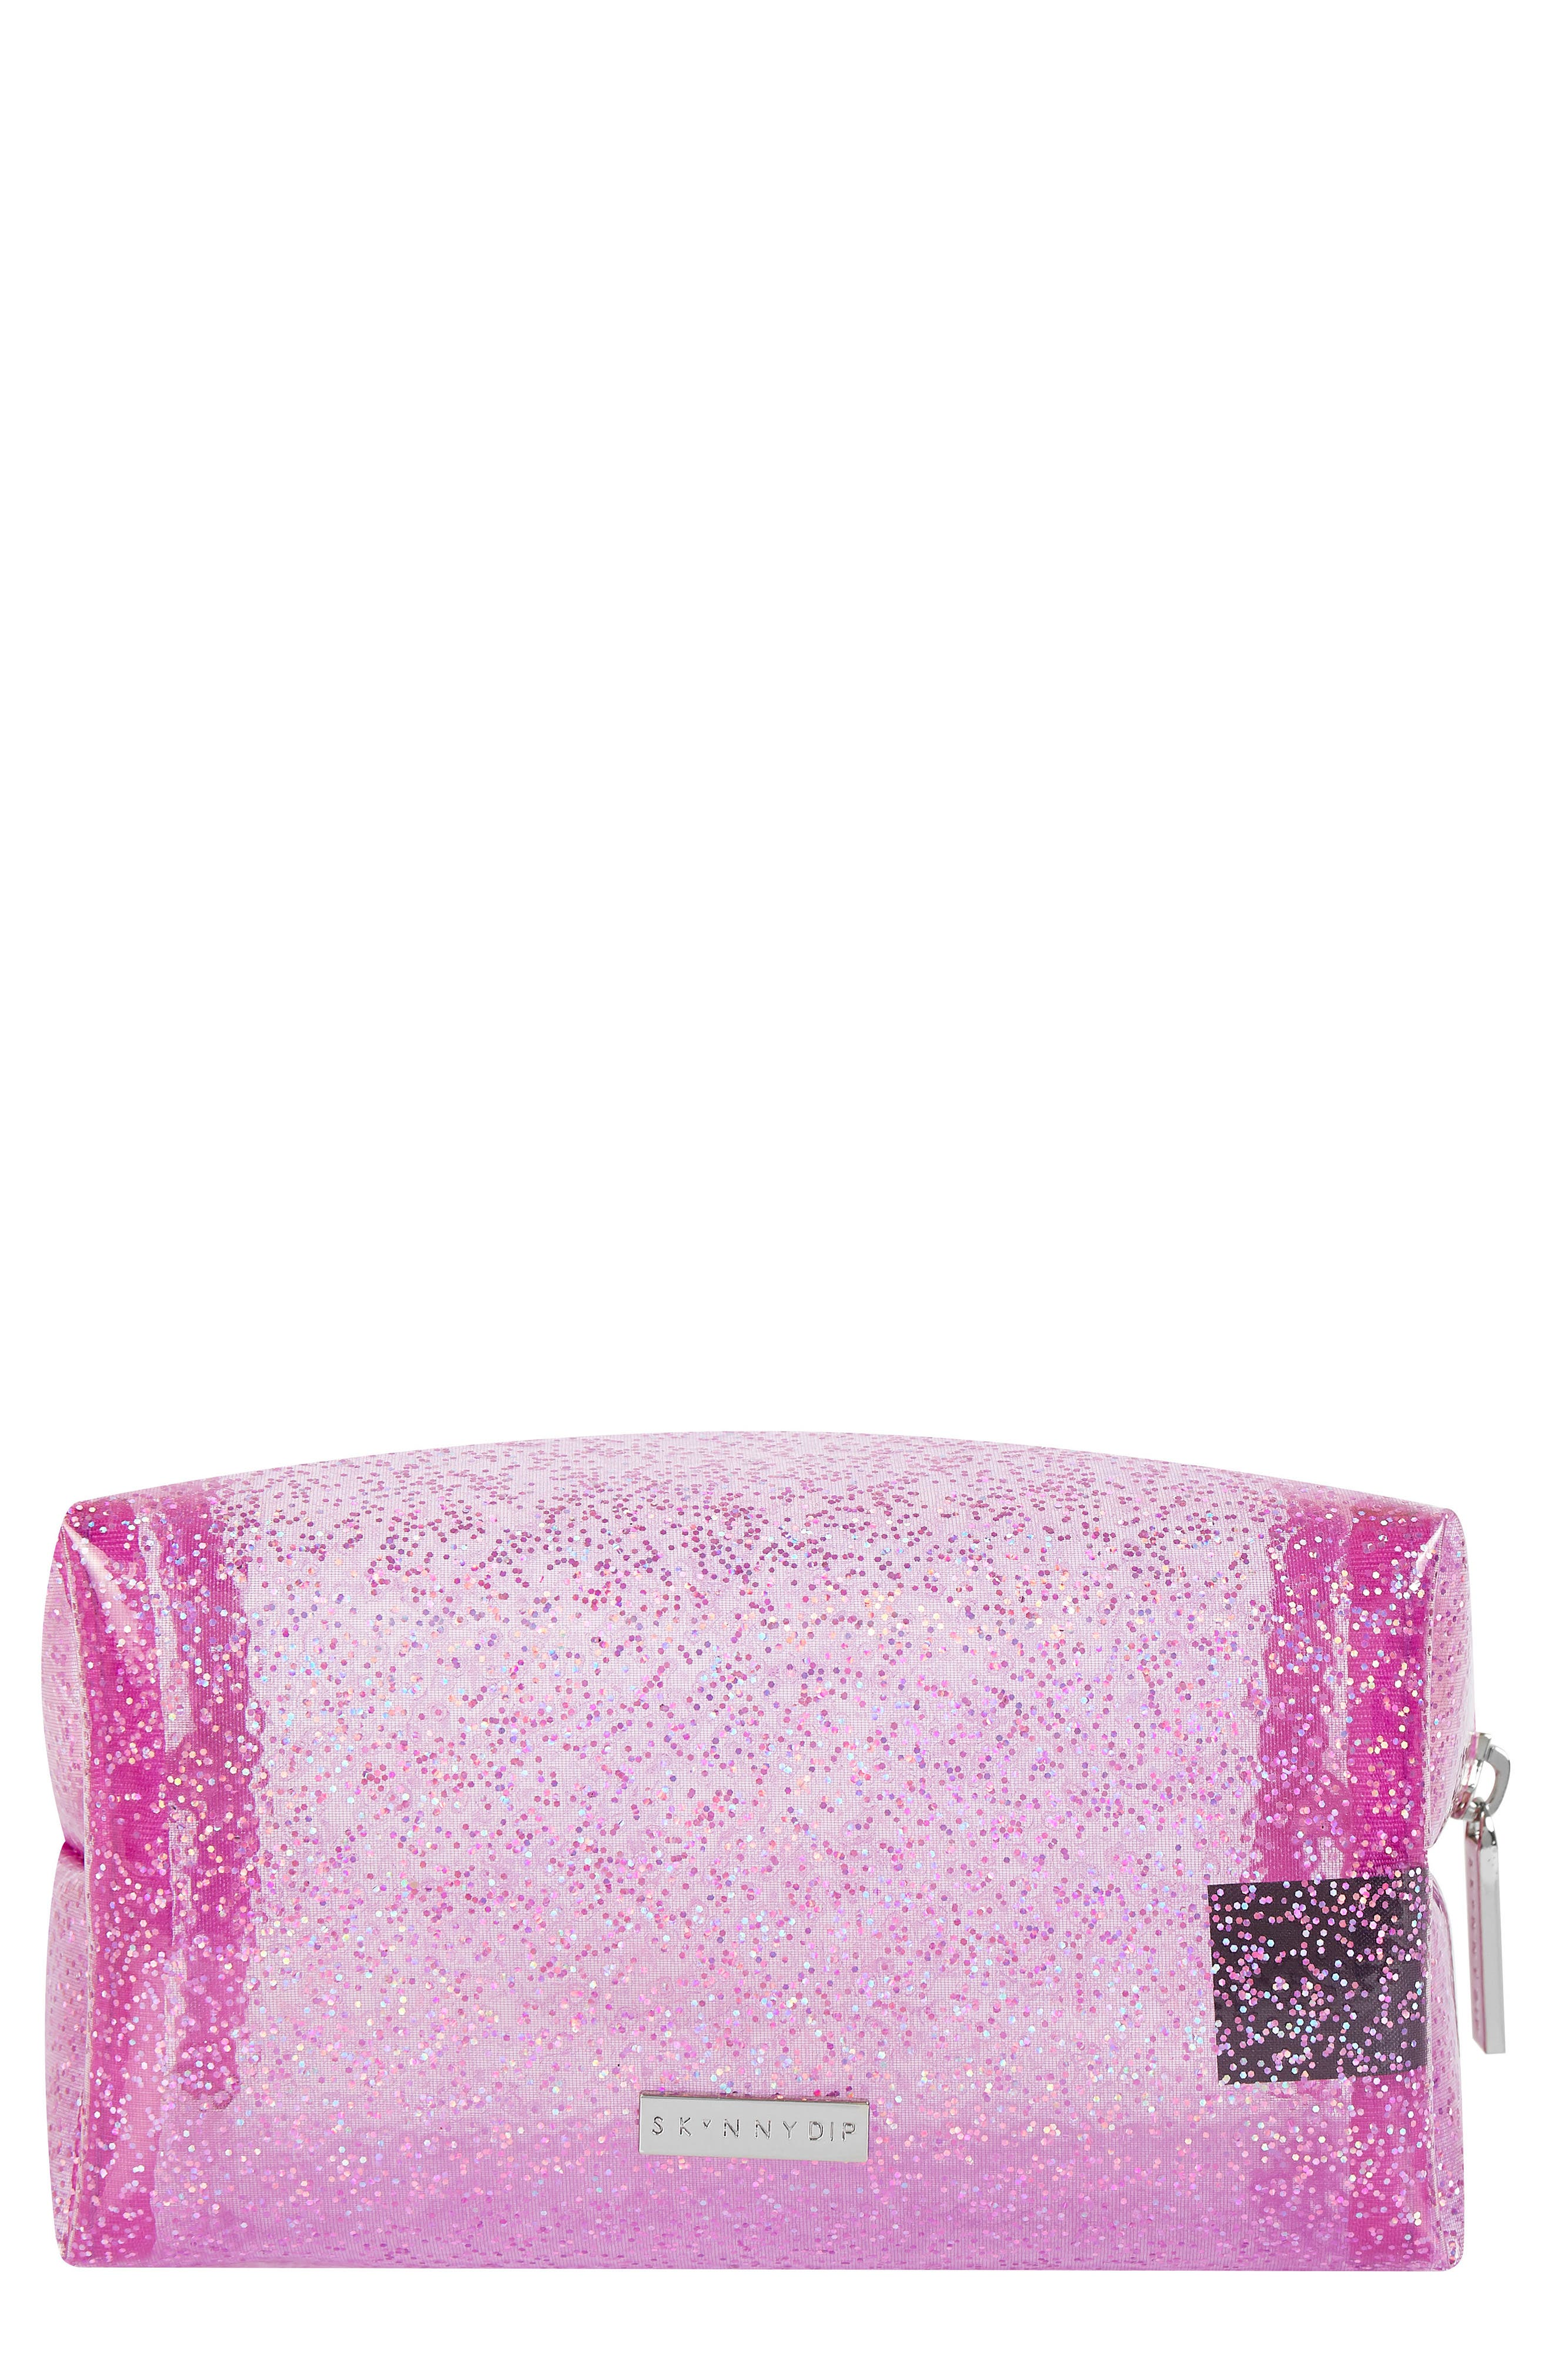 Glitter Bomb Makeup Bag,                             Main thumbnail 1, color,                             NO COLOR